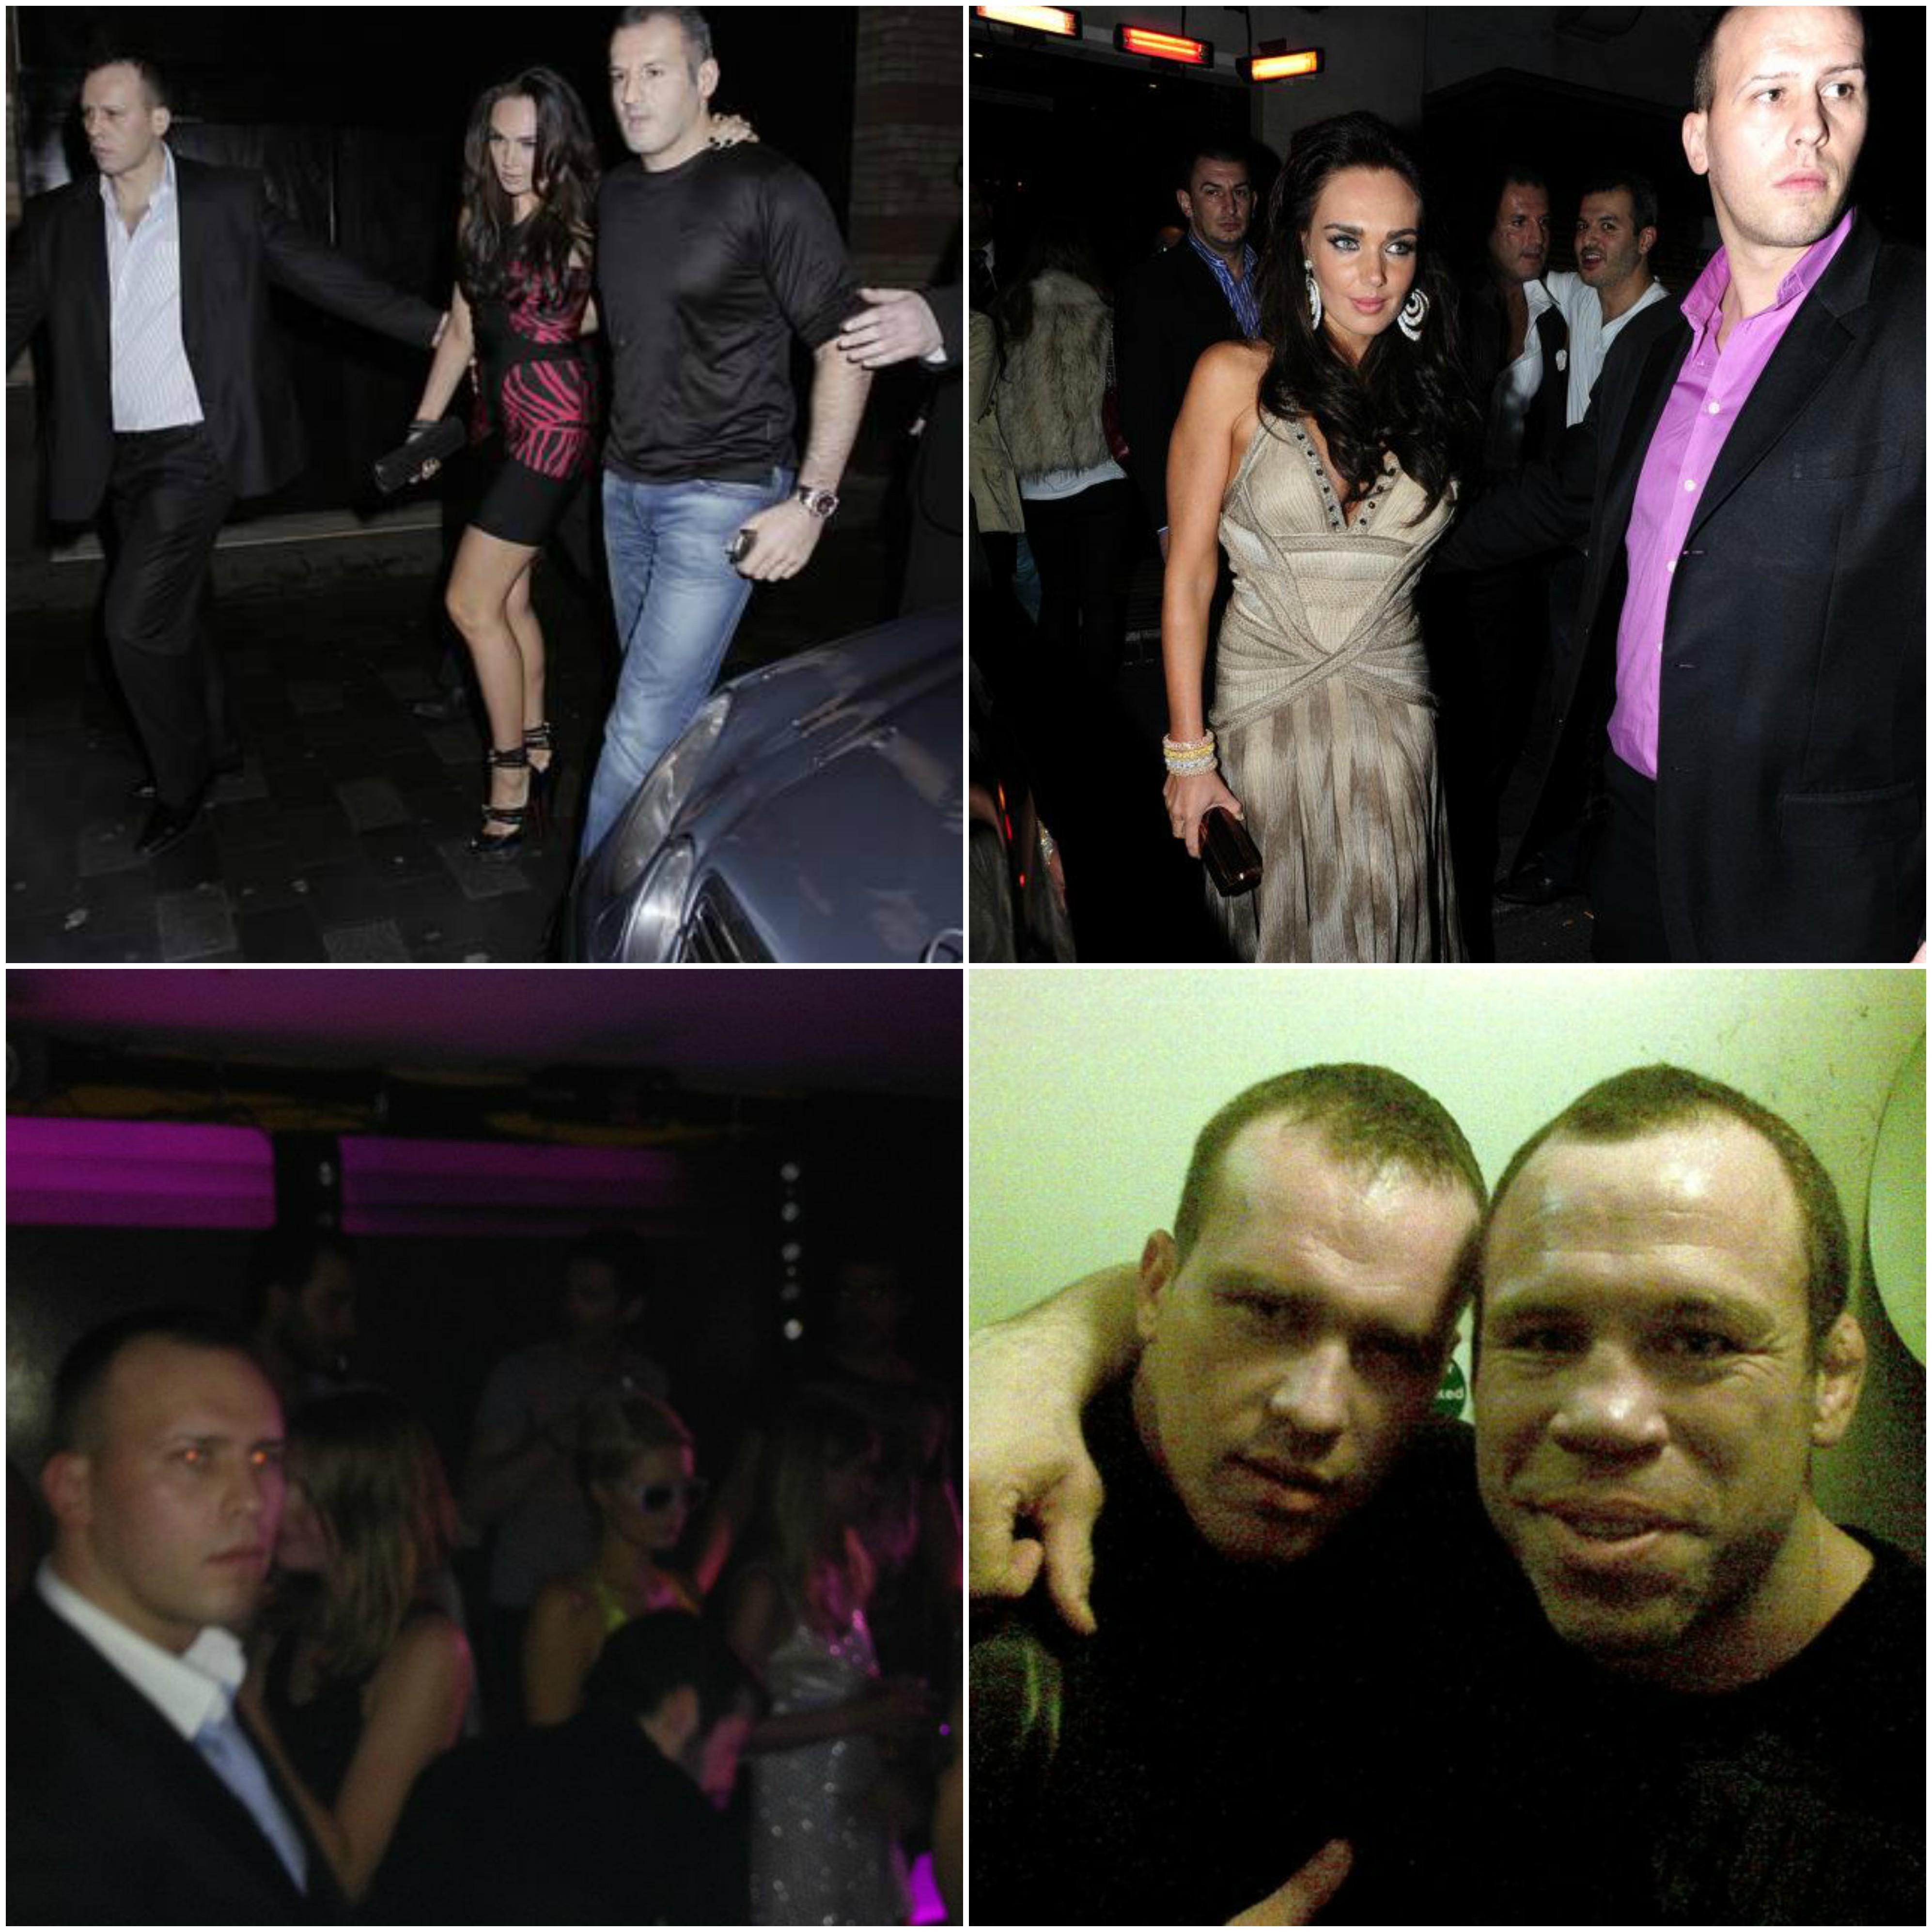 """EXCLUSIV/ Românul Yohan, unul dintre cei mai cunoscuți bodyguarzi din high life-ul londonez.  Îi """"ține spatele"""" durului Jason Statham, o protejează pe Paris Hilton și e prieten cu DiCaprio"""